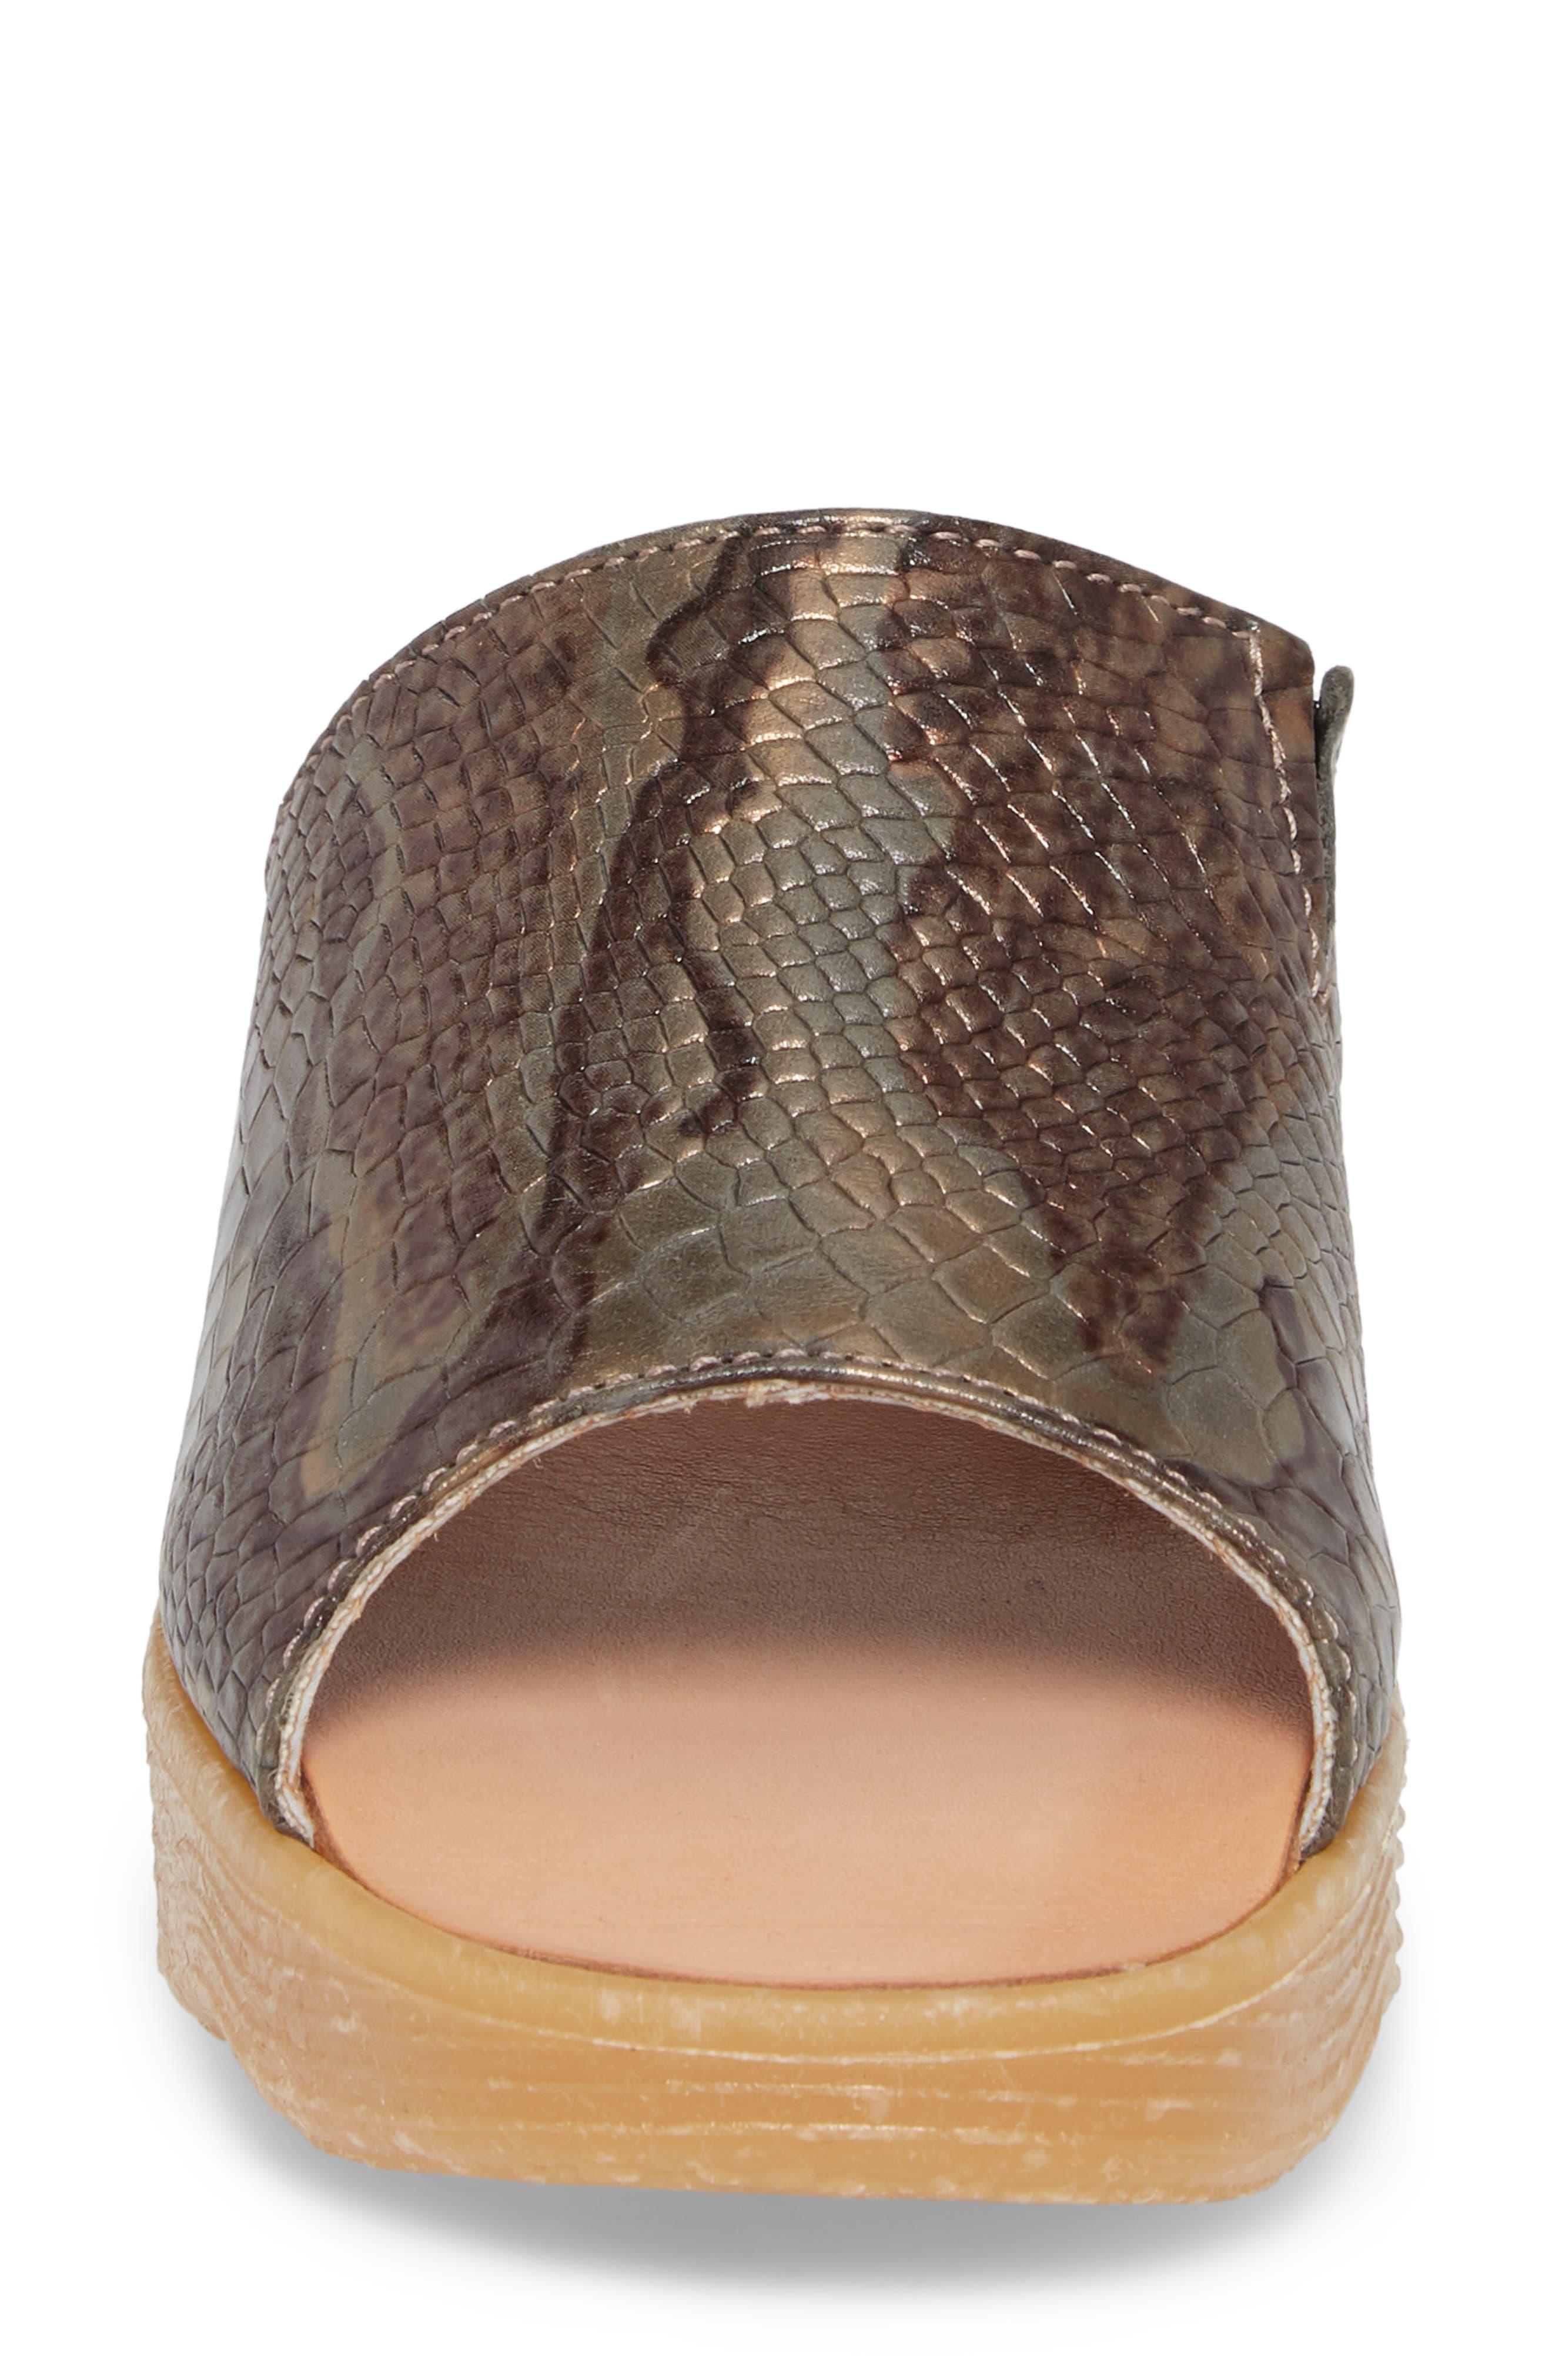 Slide N Sleek Wedge Slide Sandal,                             Alternate thumbnail 4, color,                             Snake Leather